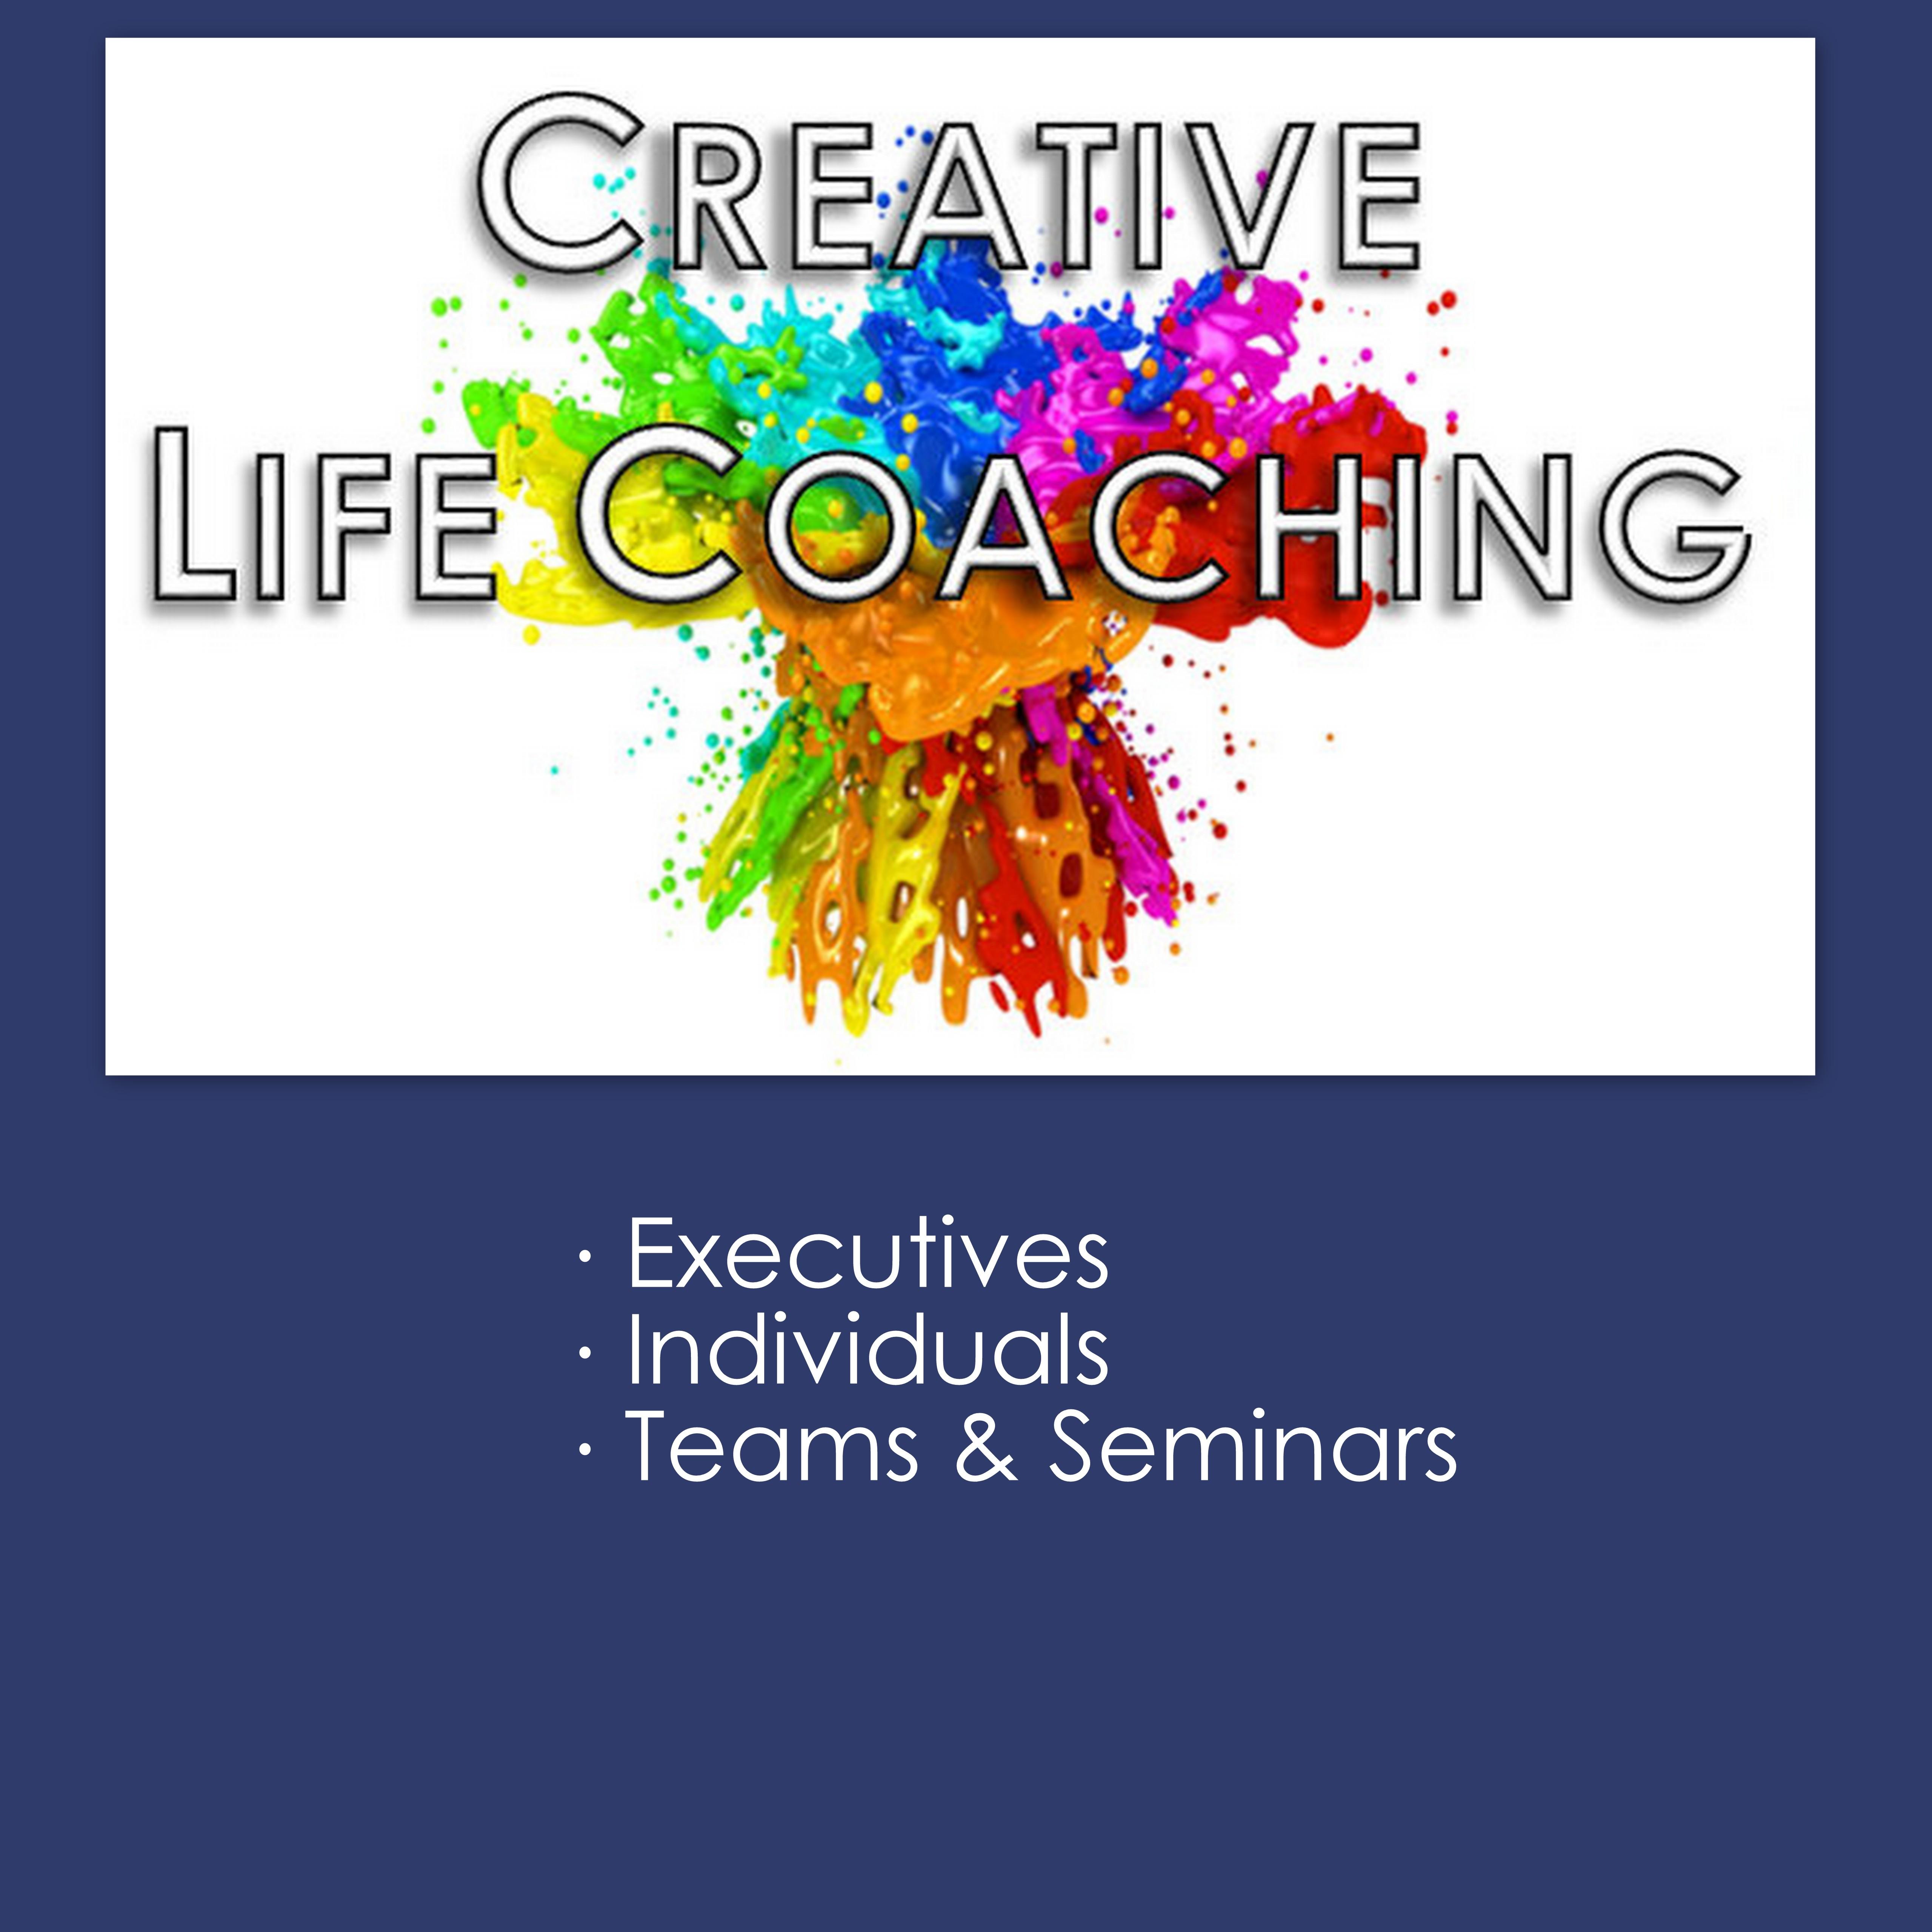 creative-life-coaching